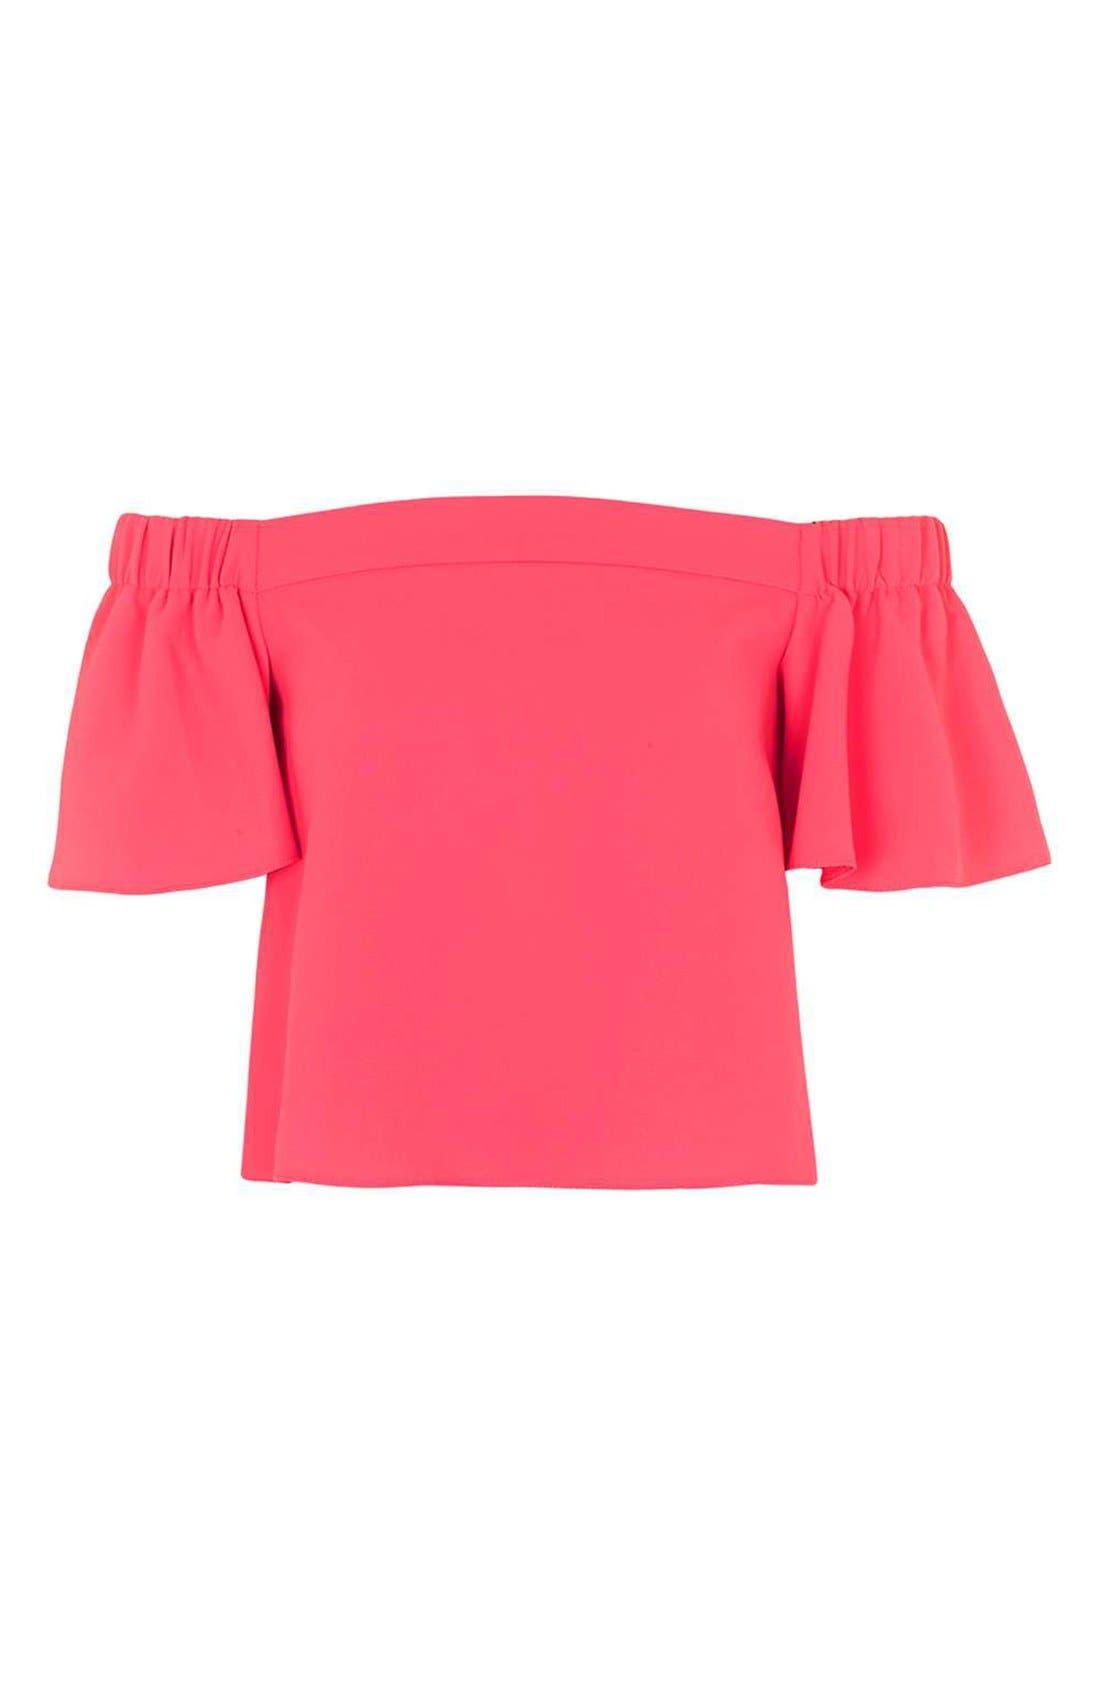 Alternate Image 4  - Topshop 'Livi' Off the Shoulder Top (Regular & Petite)